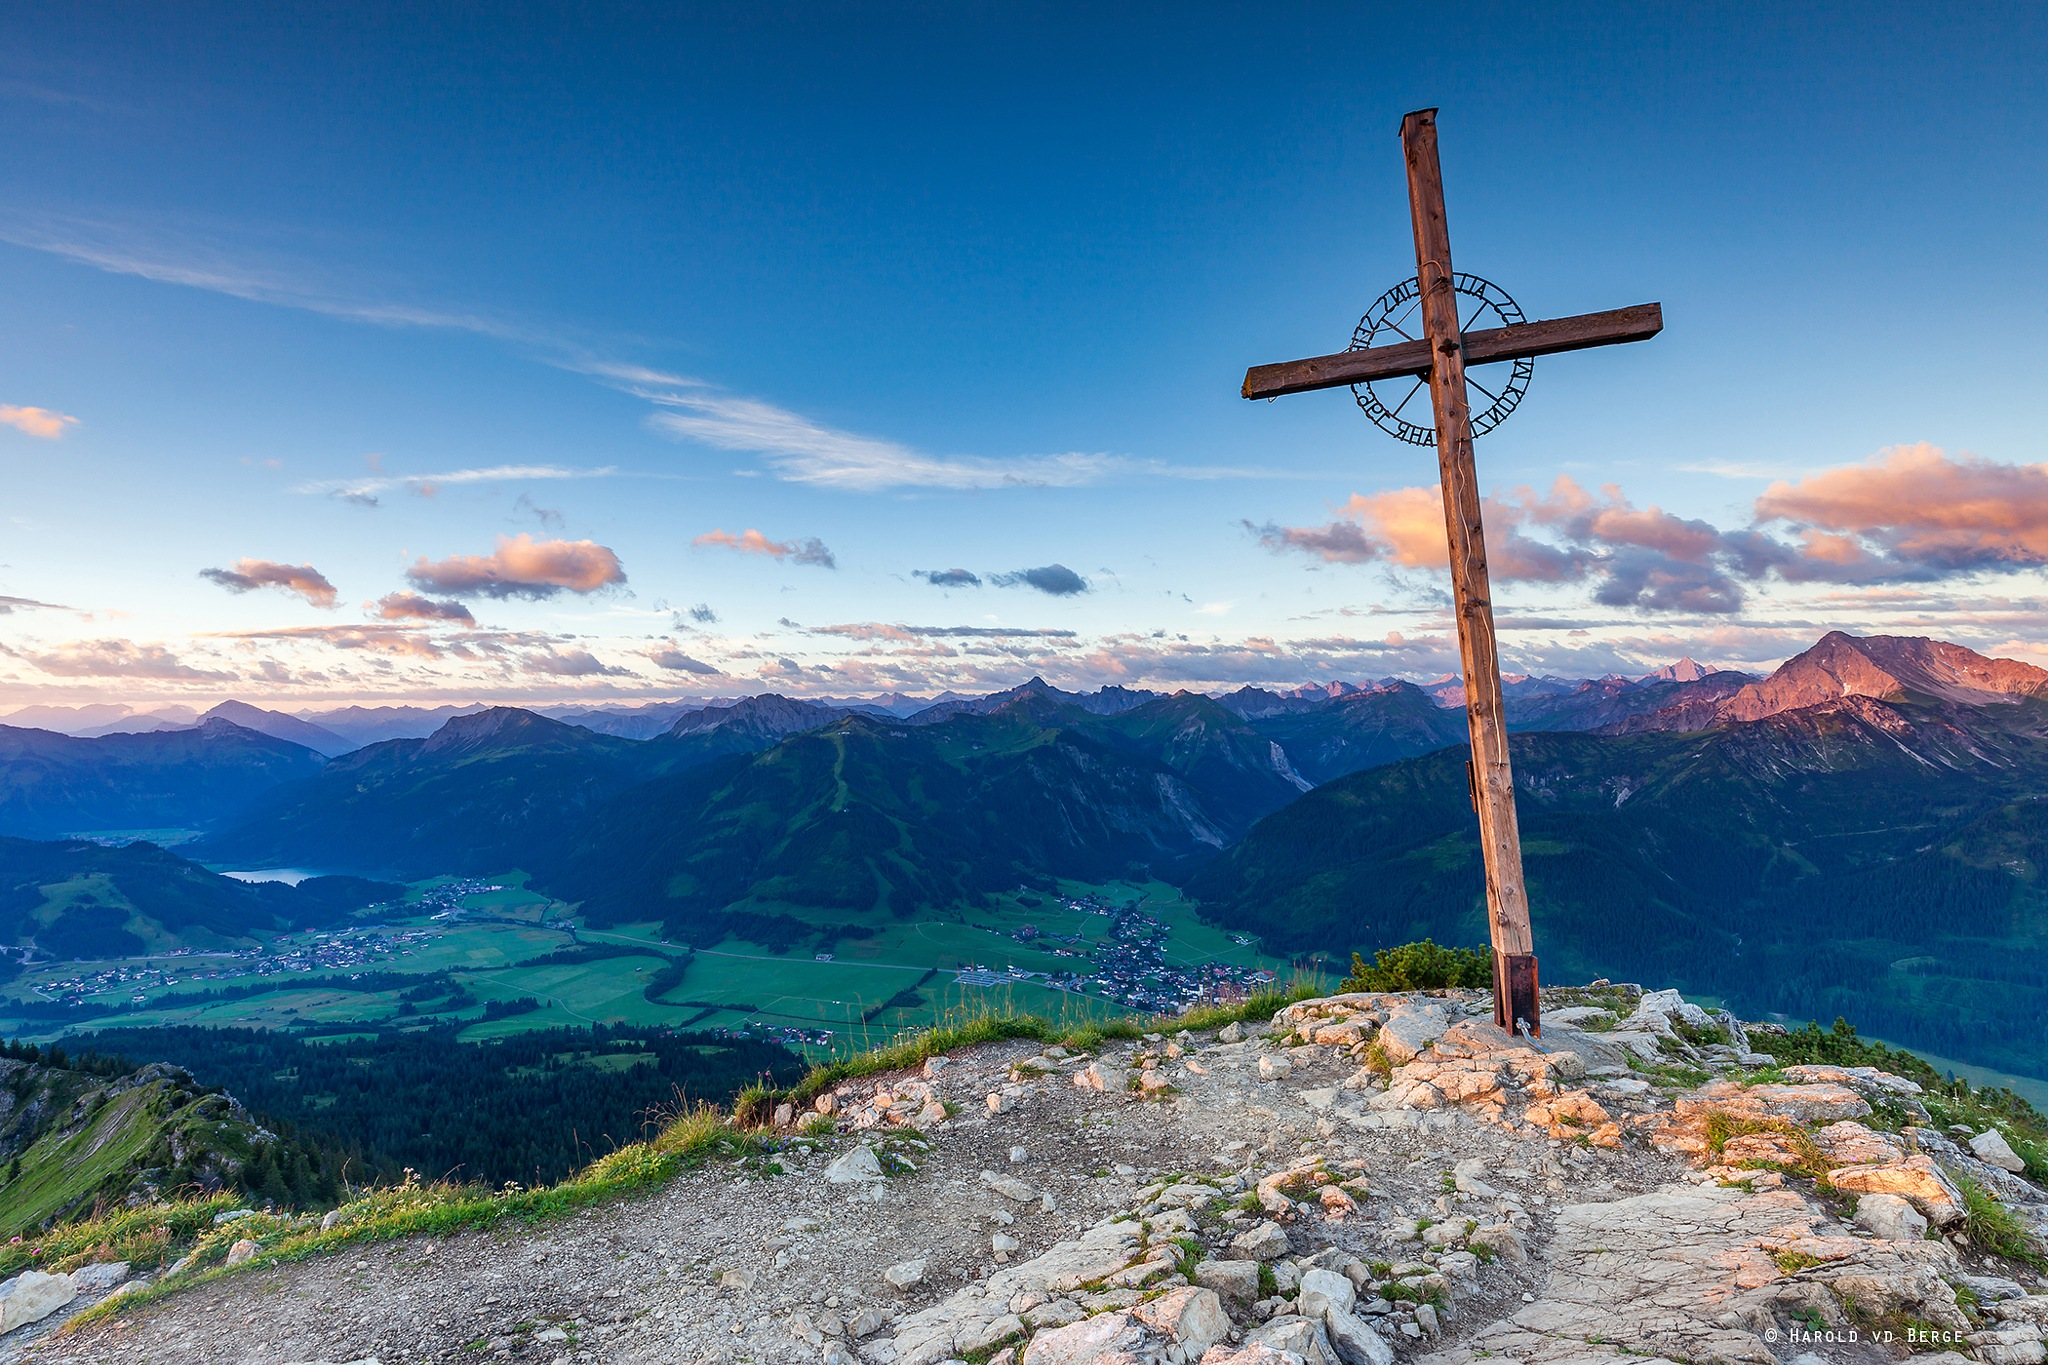 The Summit by Harold van den Berge